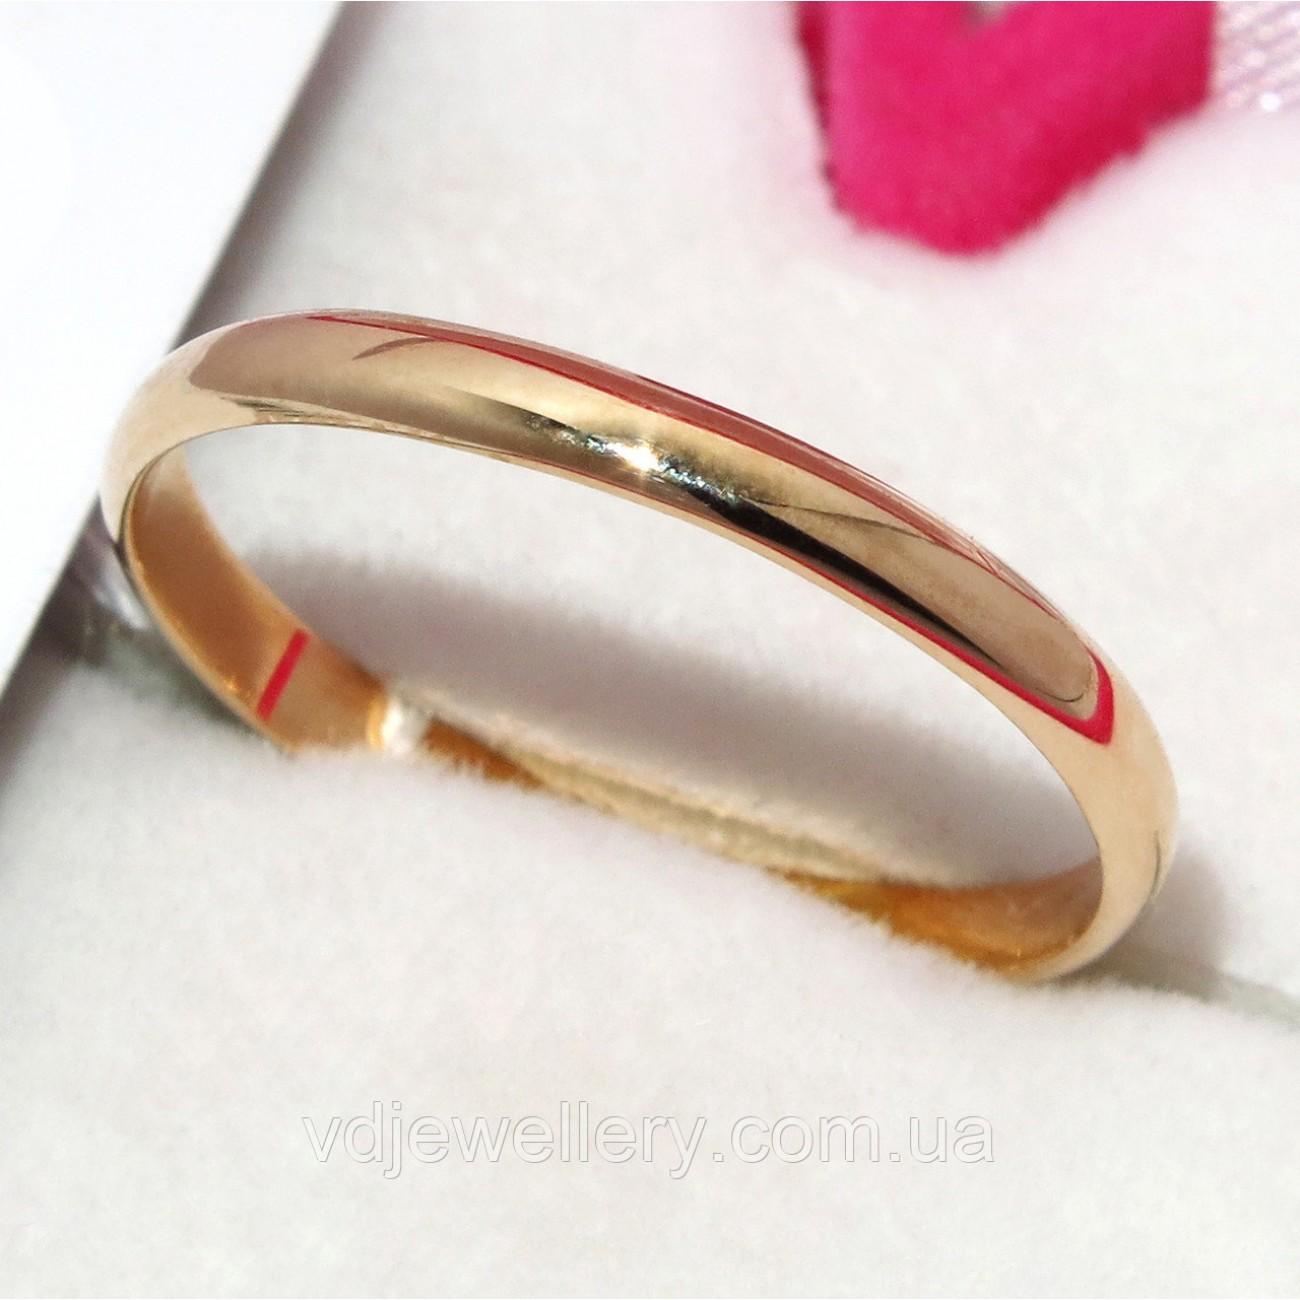 Золотое обручальное кольцо ХОК-11